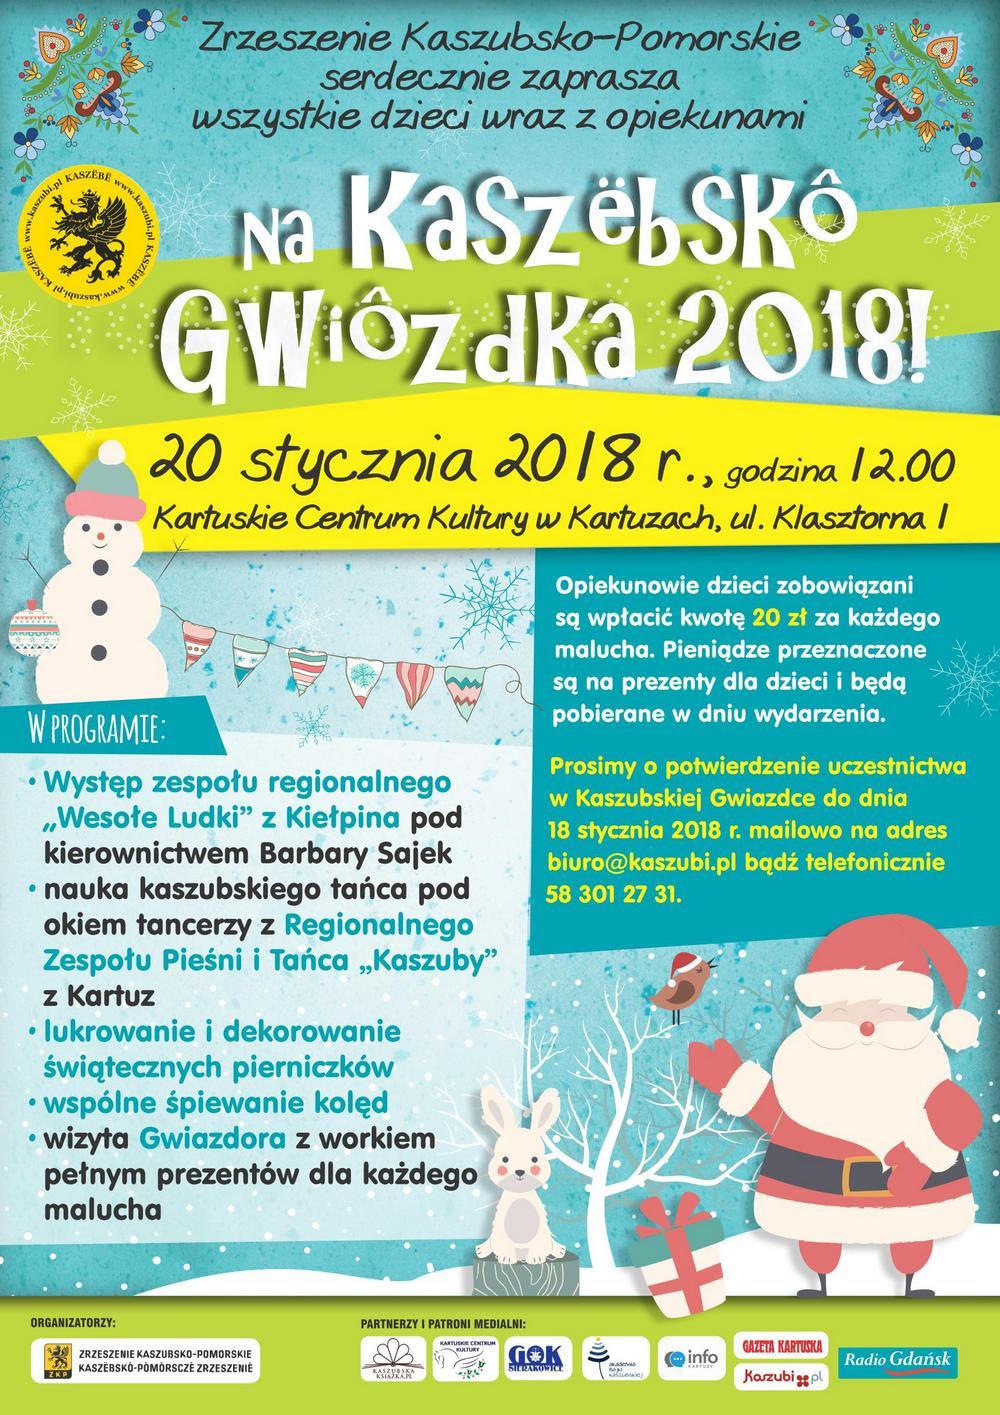 Kaszëbskô Gwiôzdka 2018 w Kartuskim Centrum Kultury